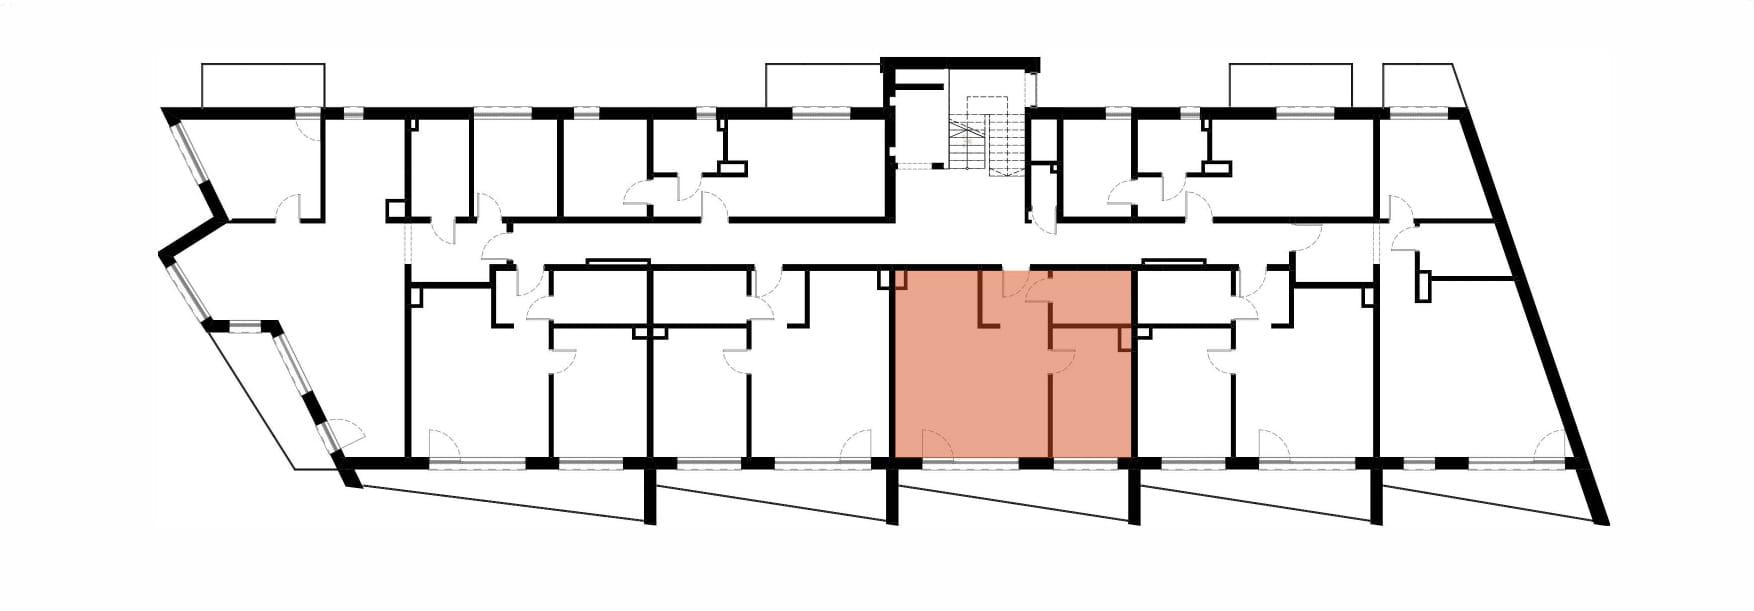 Apartamenty Kamienna / apartamenty inwestycyjne M11 rzut 2